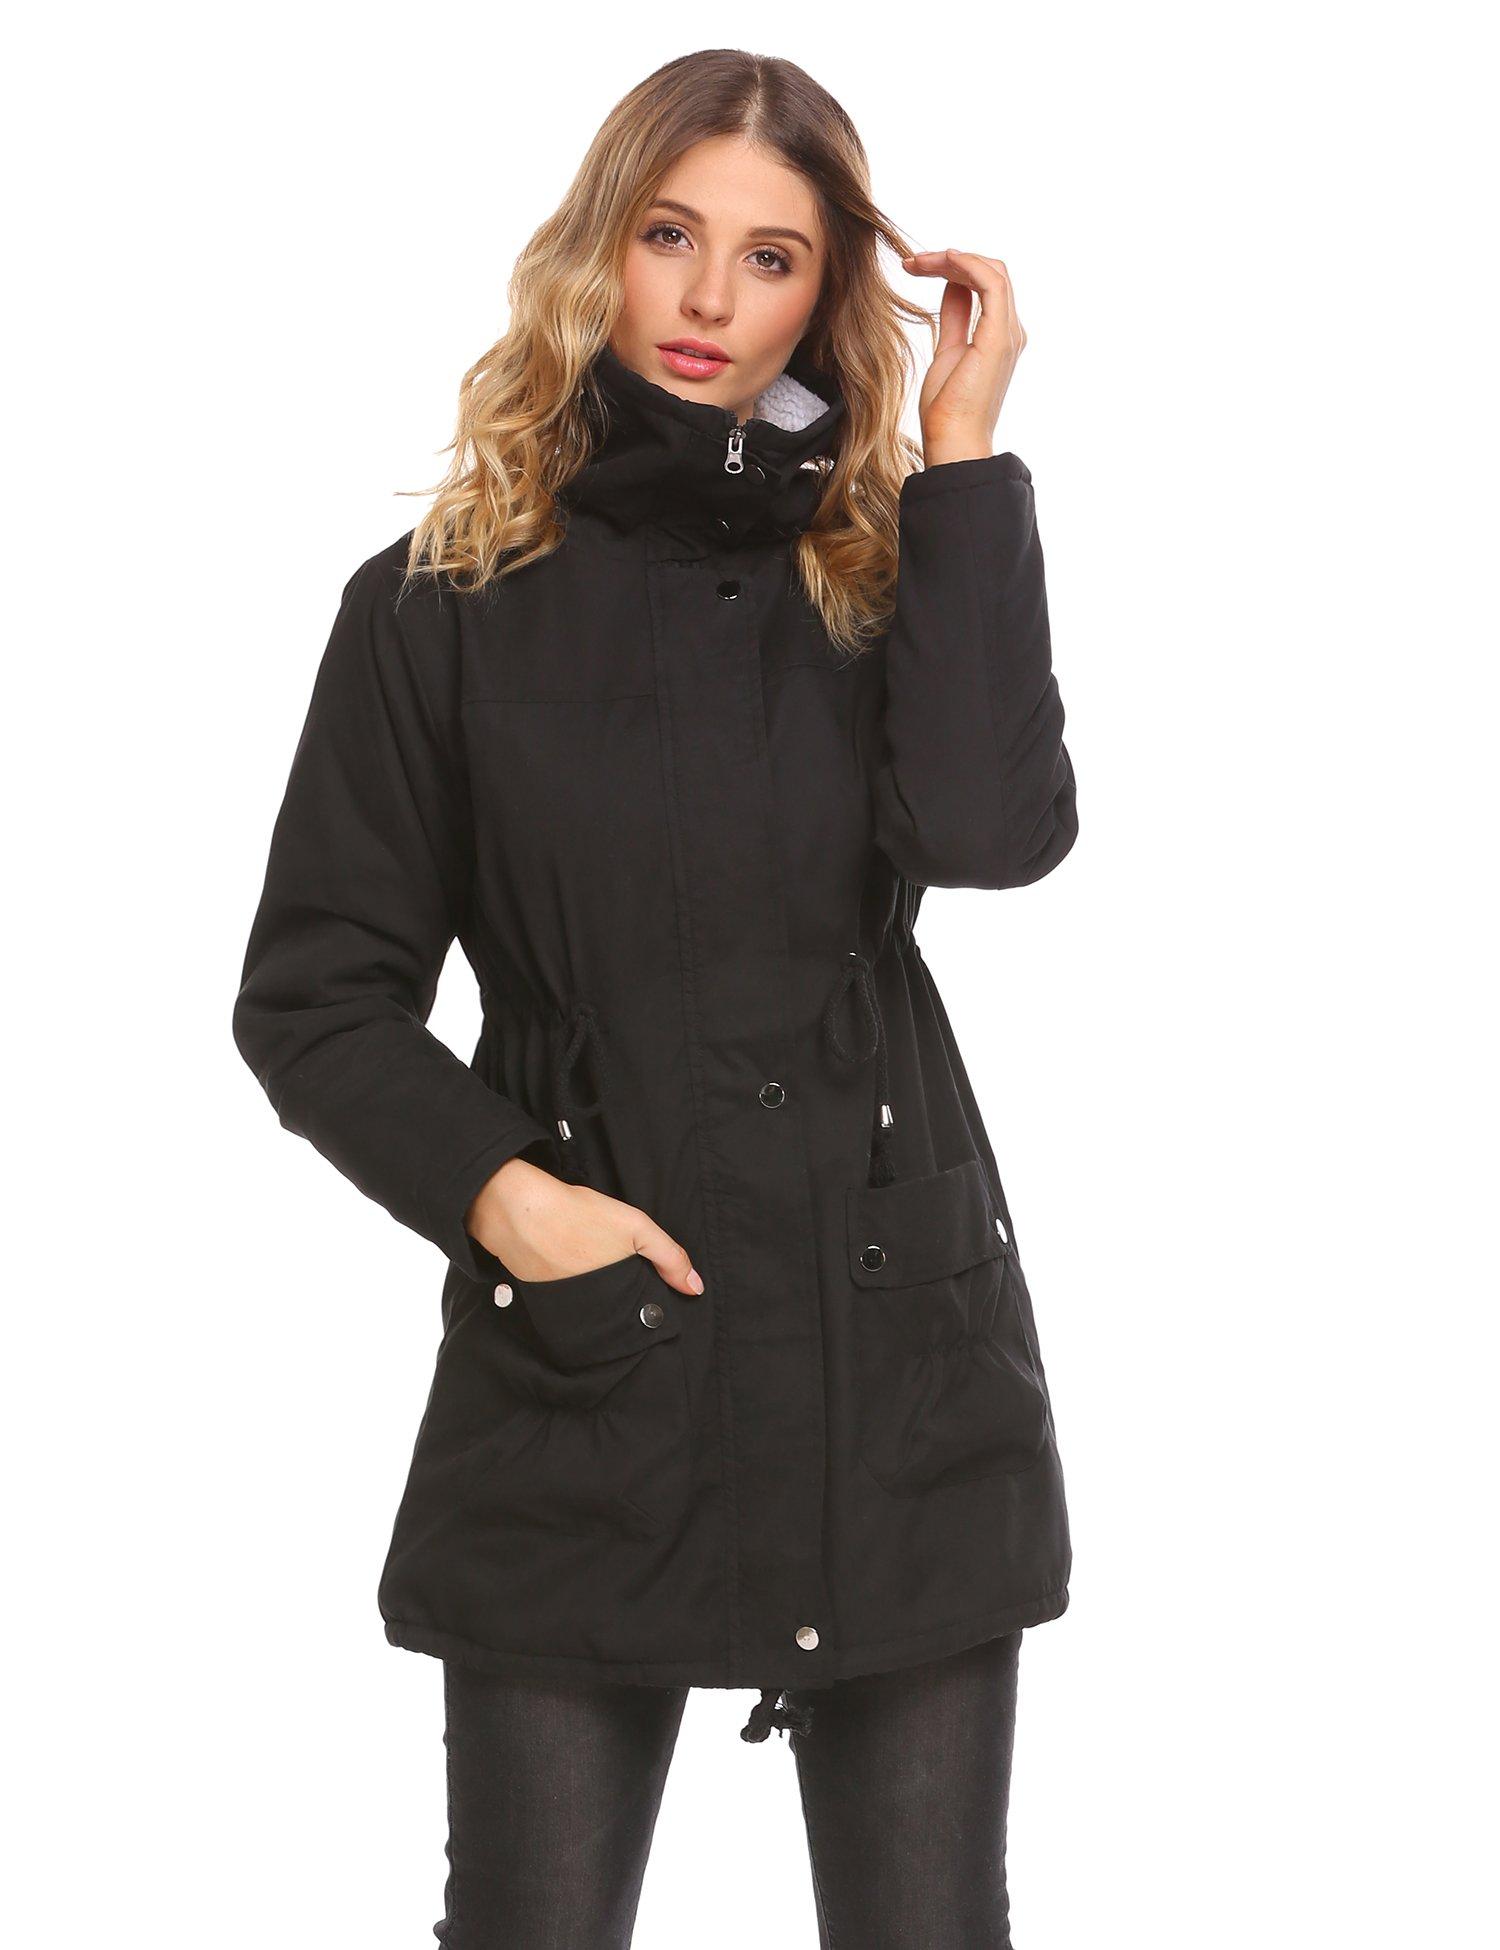 Elesol Women Winter Parka Coat Faux Fur Coat Fleece Lined Parkas With Two Pocket Black XL